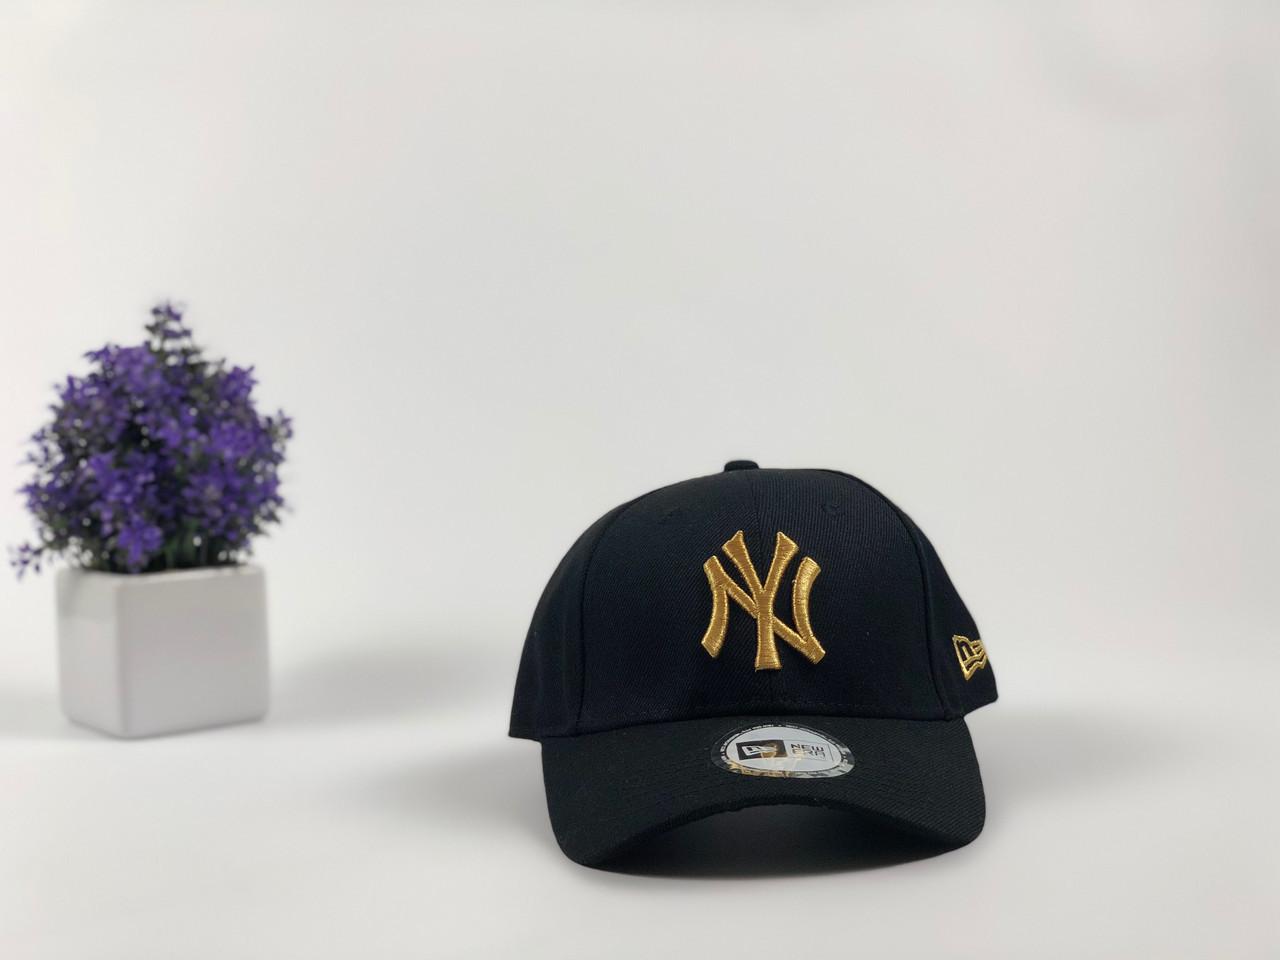 Кепка бейсболка New York Yankees с наклейками (черная, золотой лого)